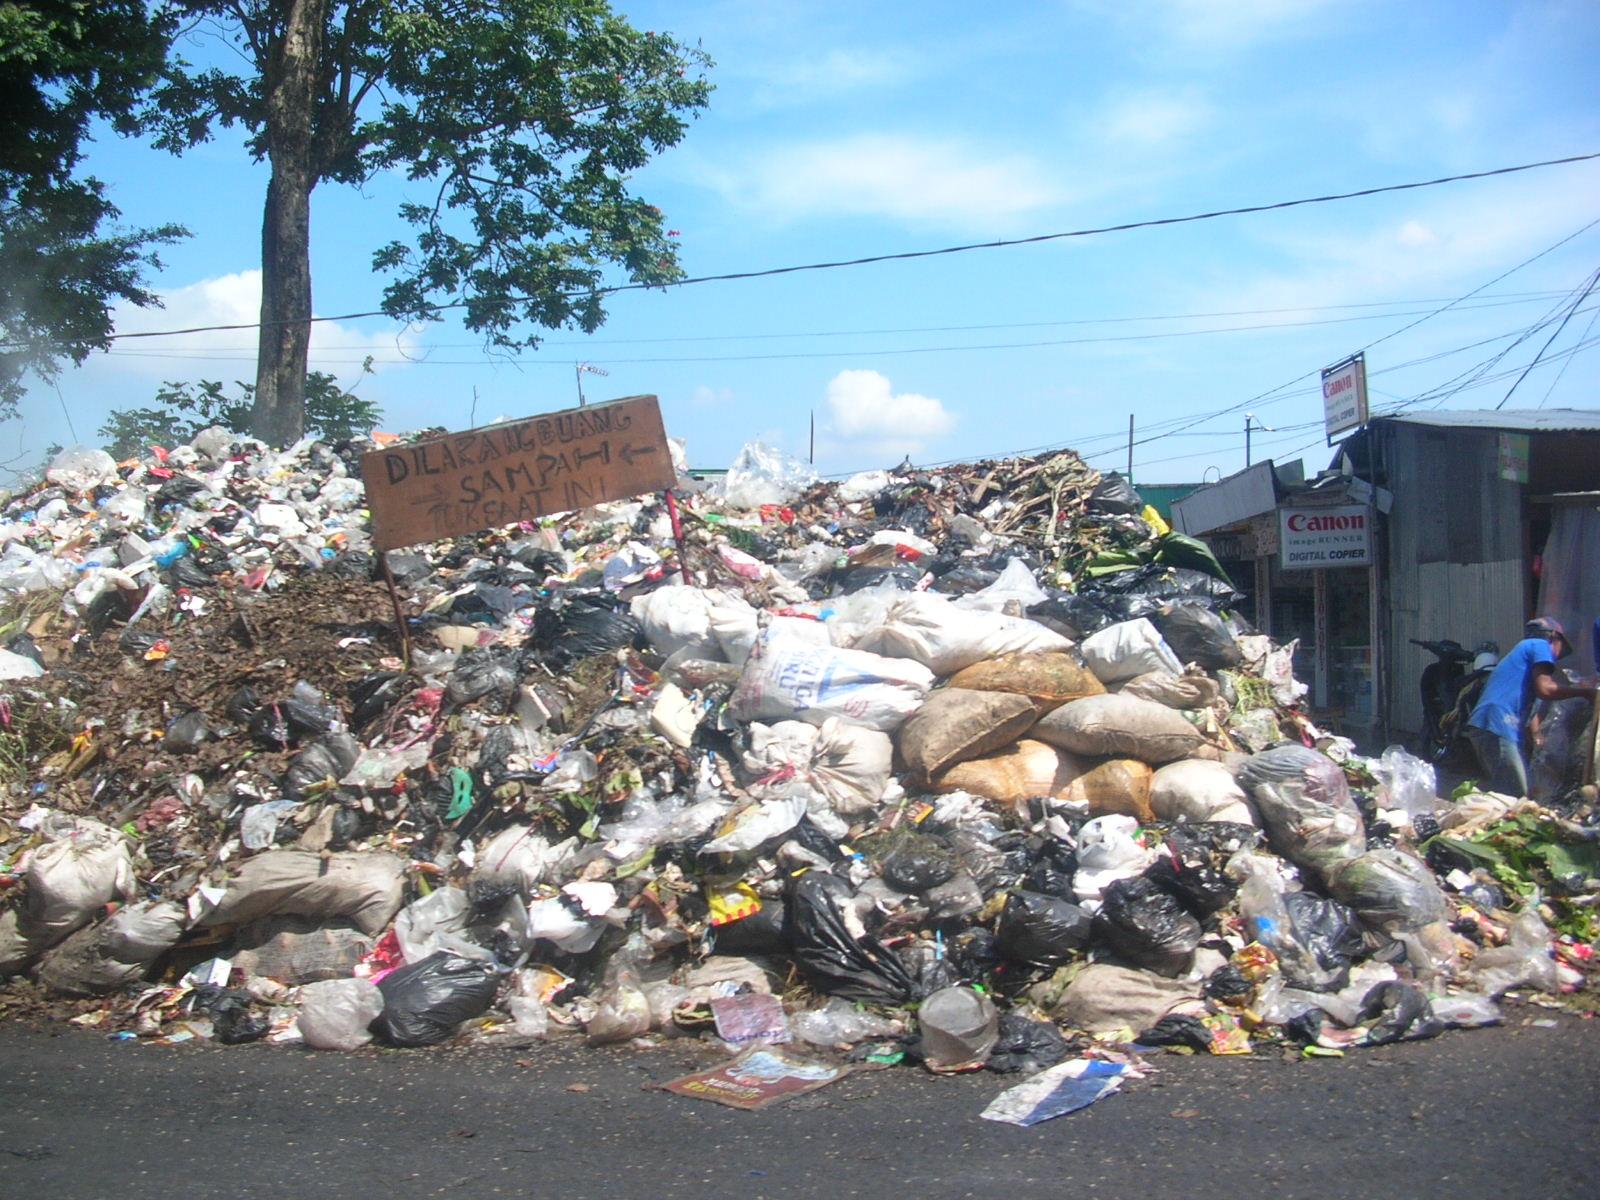 Gambar Lingkungan Kumuh Das Brantas Profil Ekoregion Jawa Kebersihan Lingkungan Kebersihan Lingkungan